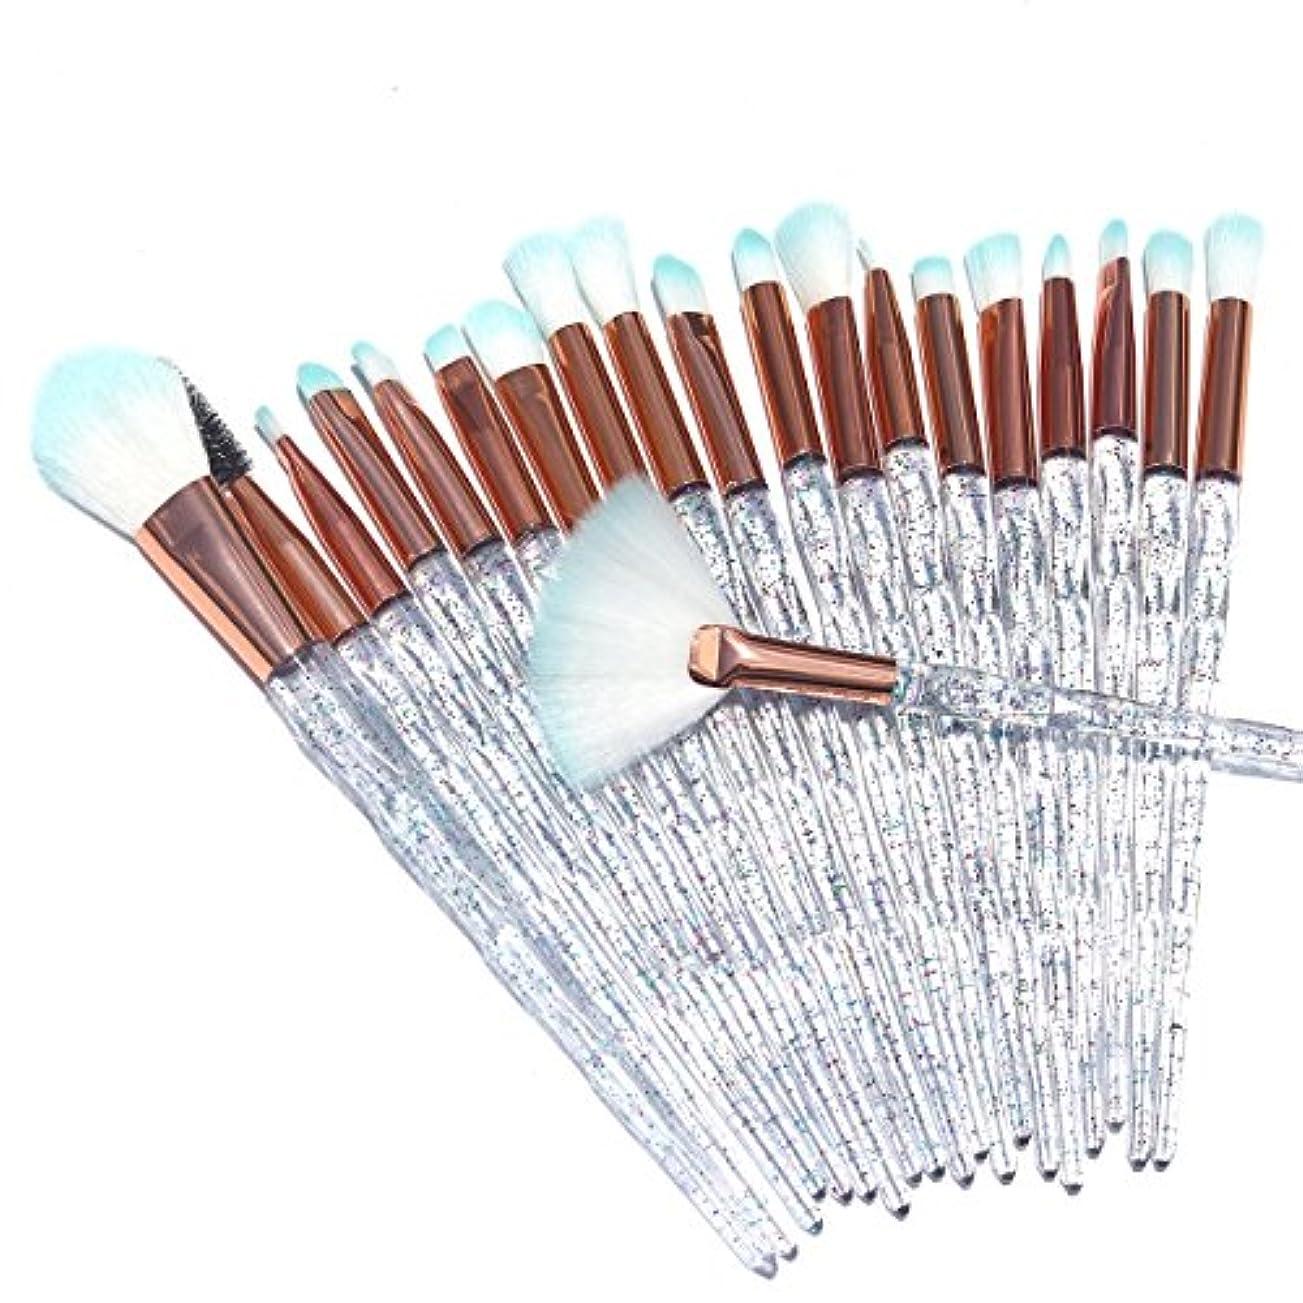 見分けるあたたかいを除くAiceBeu 20本メイクブラシ 眉毛ブラシ アイシャドーブラシ リップブラシ (トランスペアレント)